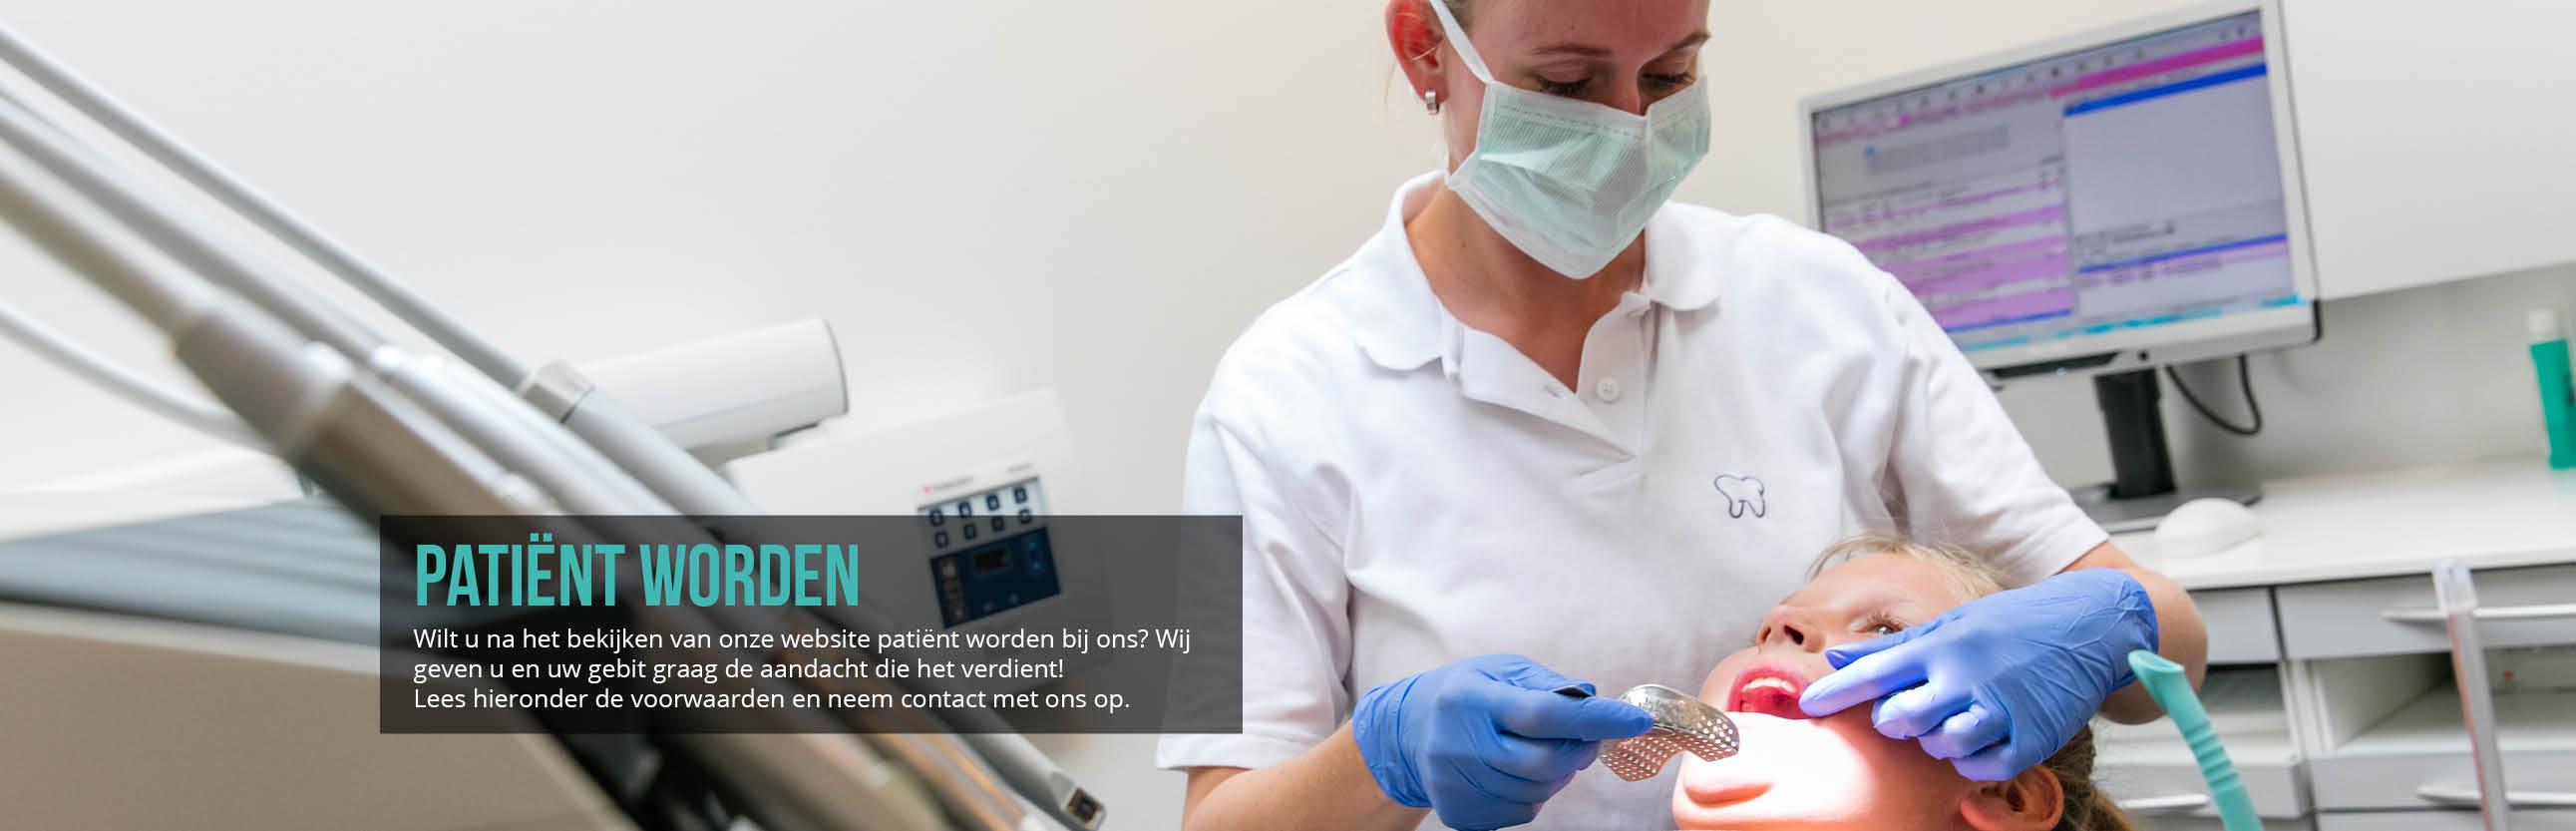 tandartsenpraktijk slot patient worden